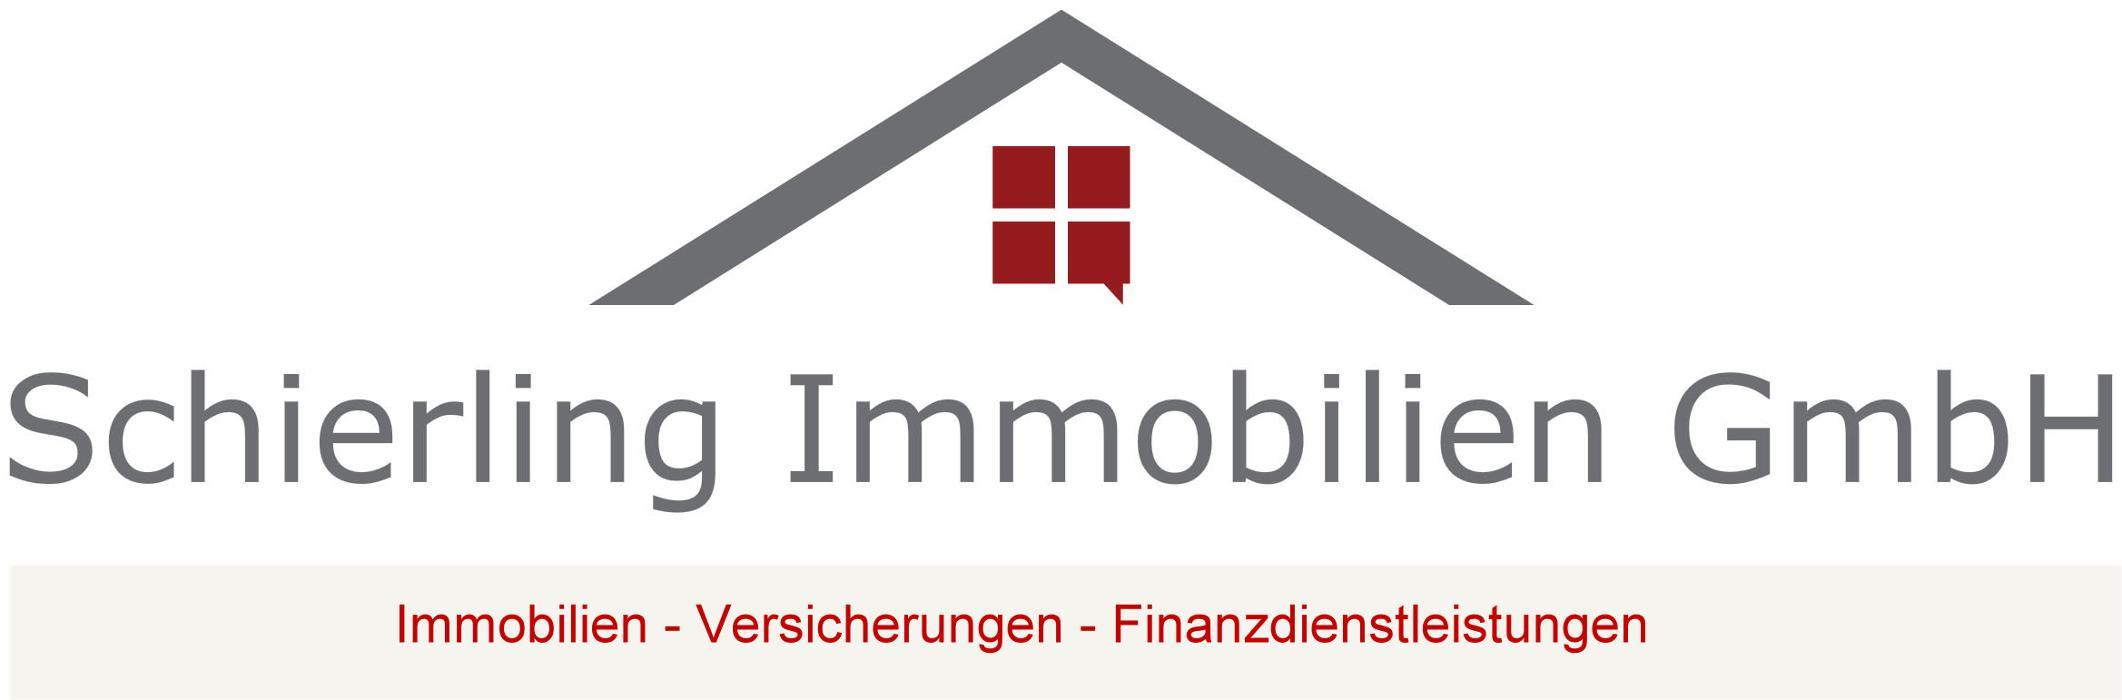 Bild zu Schierling Immobilien GmbH in Schierling